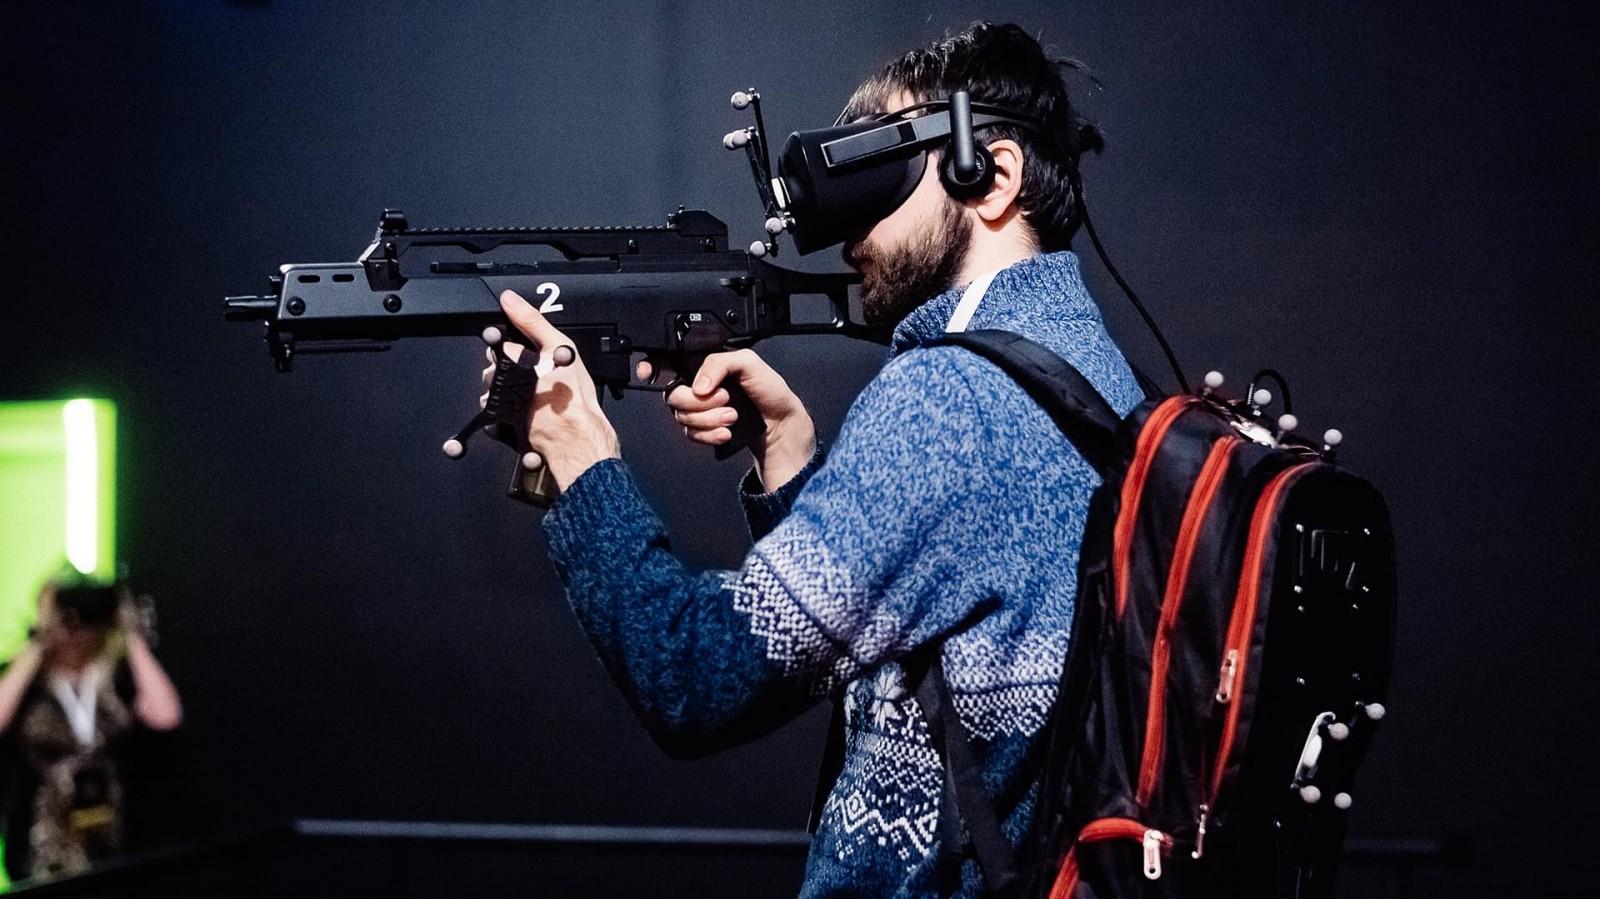 Начальное финансирование Drifter для VR проекта, посвященного киберспорту, составит 2,25 млн. долларов